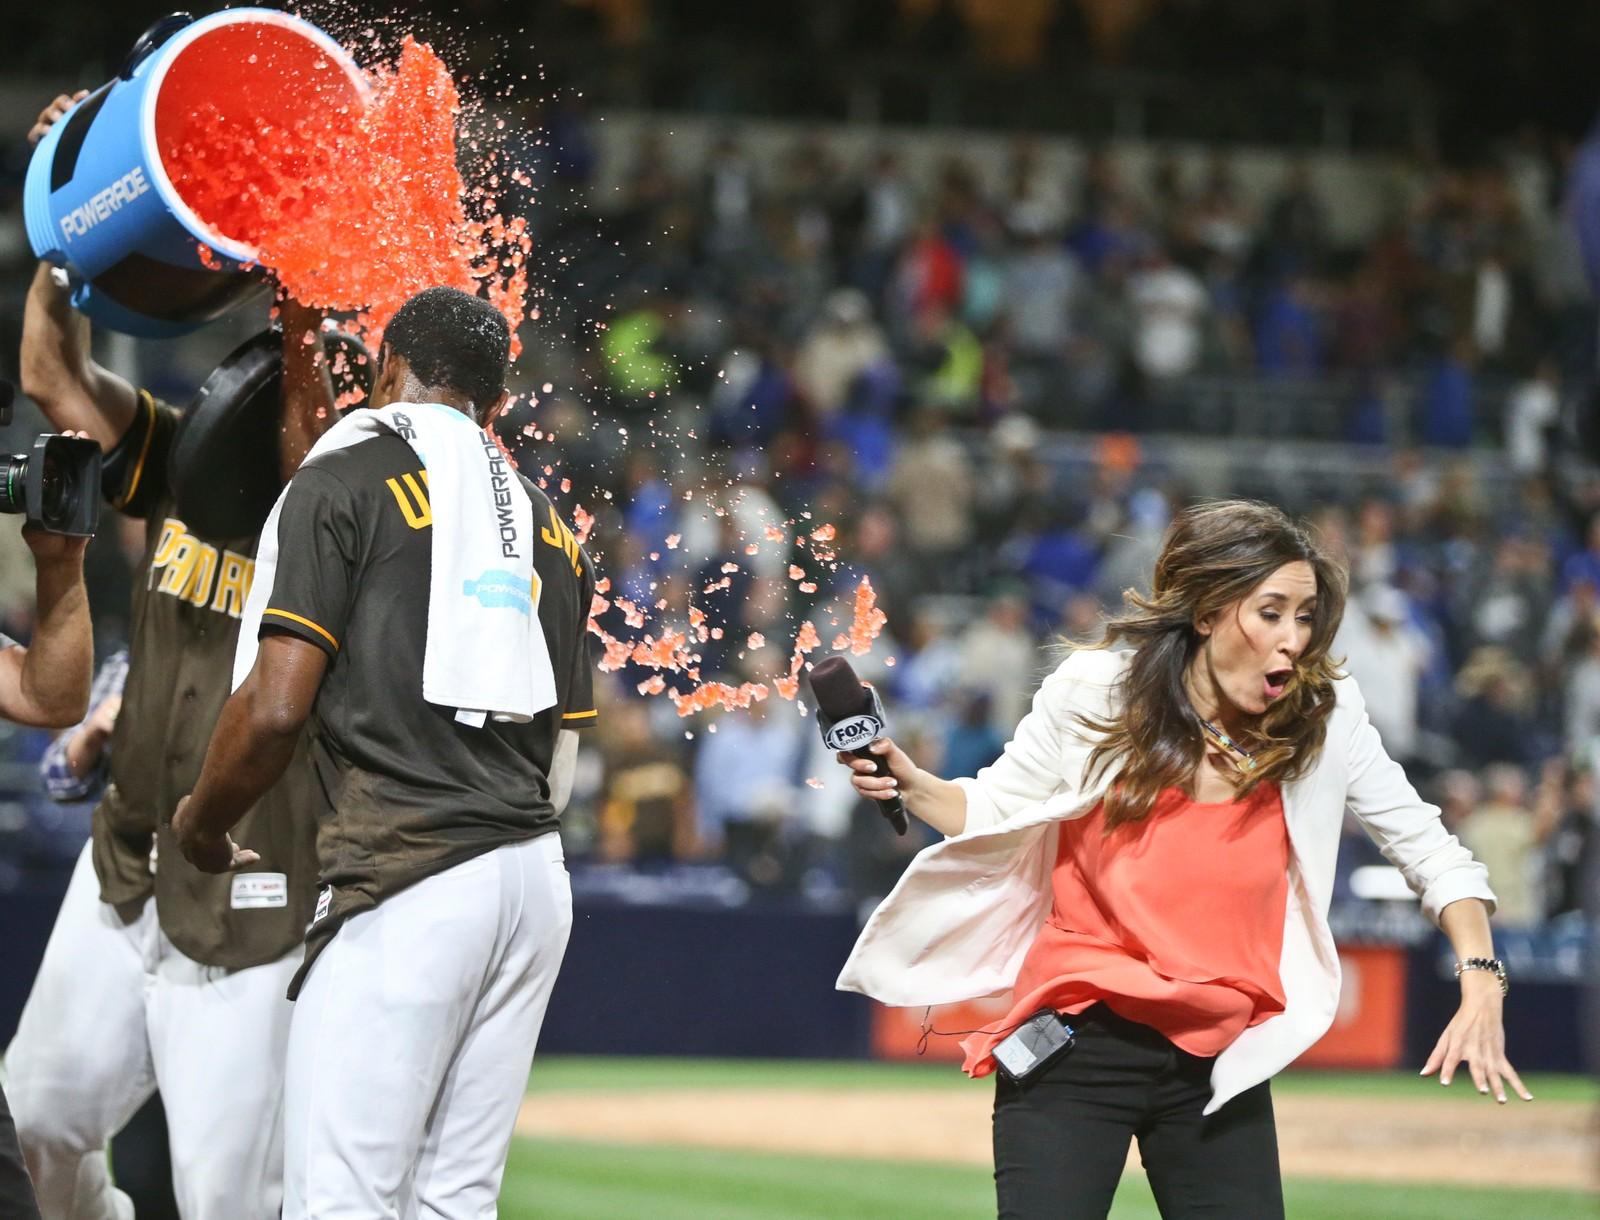 En utskremt TV-reporter unngikk så vidt å bli dynka i sportsdrikk etter at Padres' Melvin Upton Jr. mottok sin hyllest. Baseball-spilleren gjorde det bra i kampen mot Dodgers, en kamp de vant 7-6.